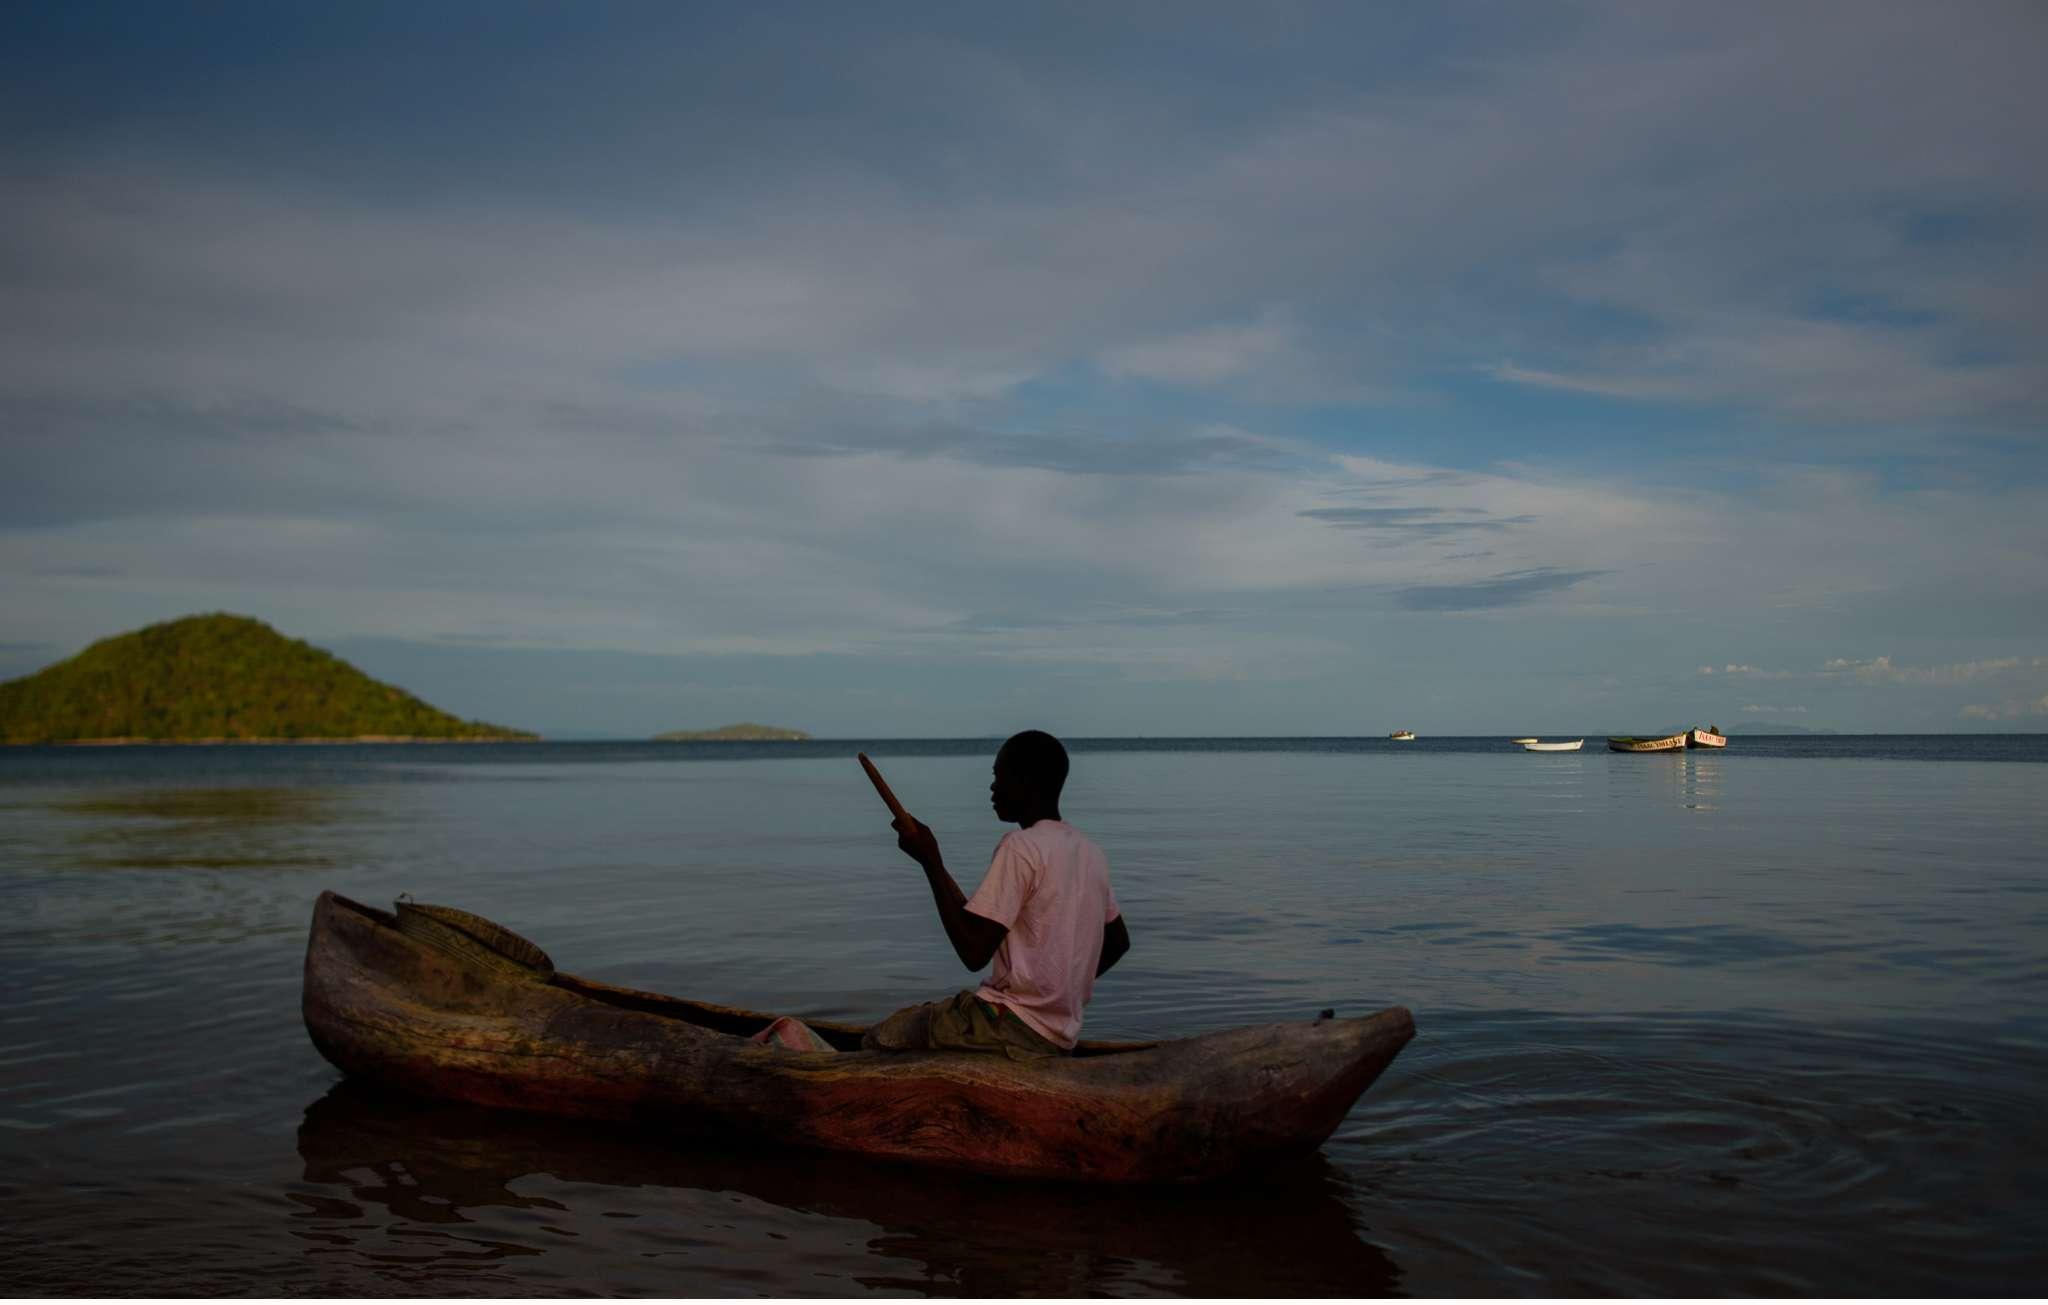 Malawi-Quer durch Afrika- Geschichten von unterwegs by Marion and Daniel-62